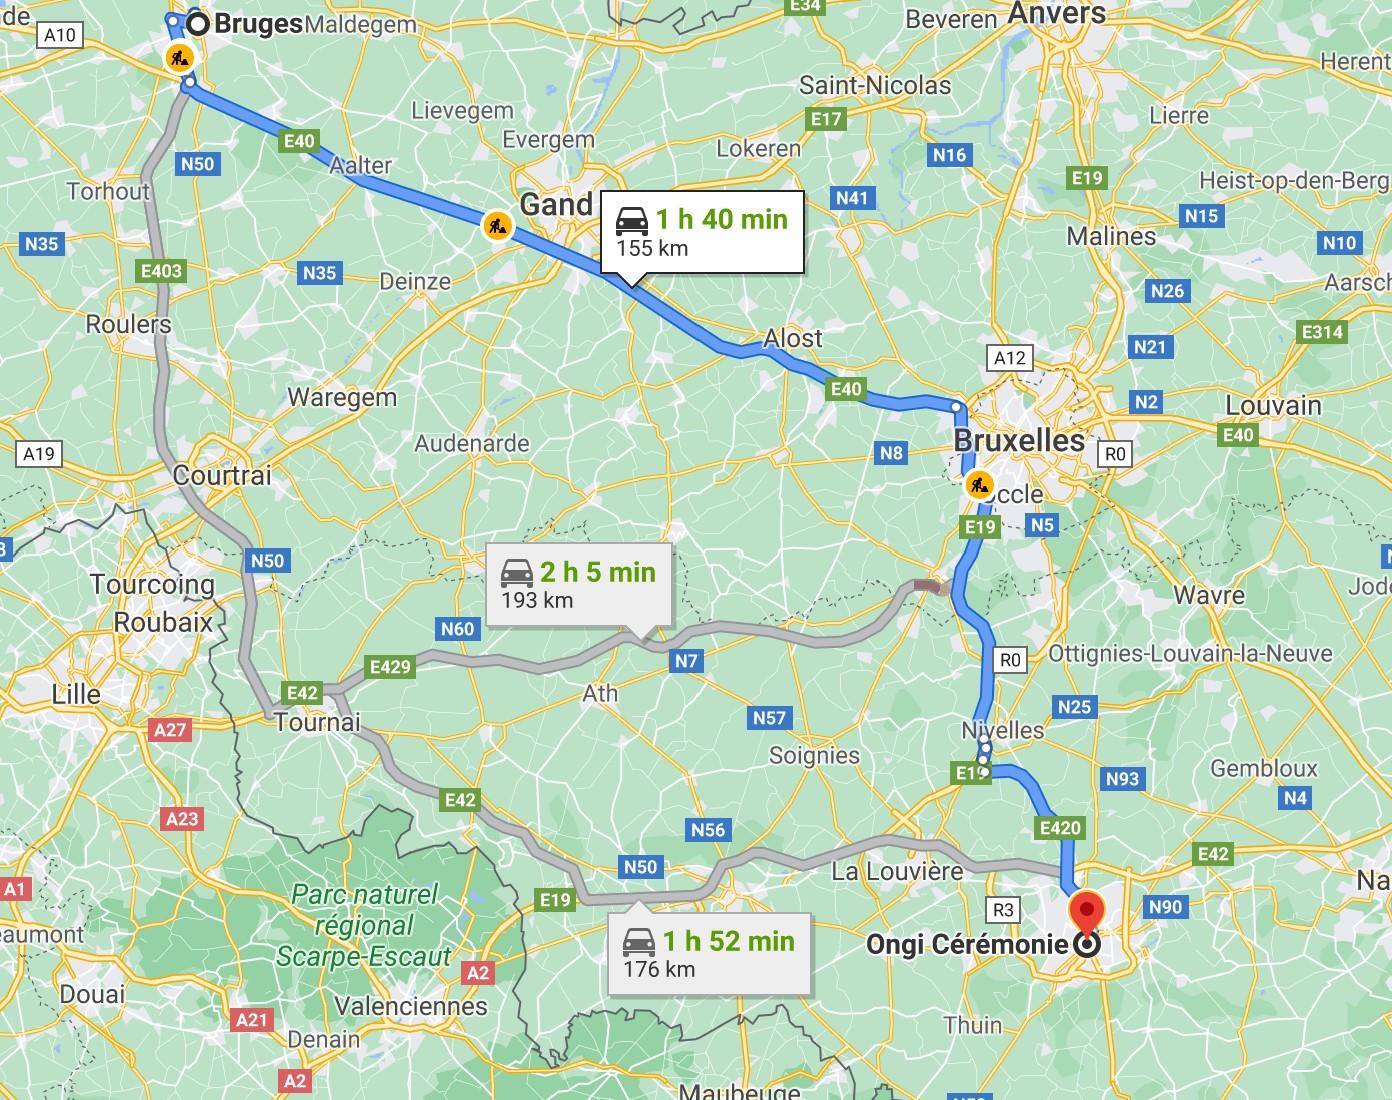 itinéraire de Bruges à Ongi-ceremonie